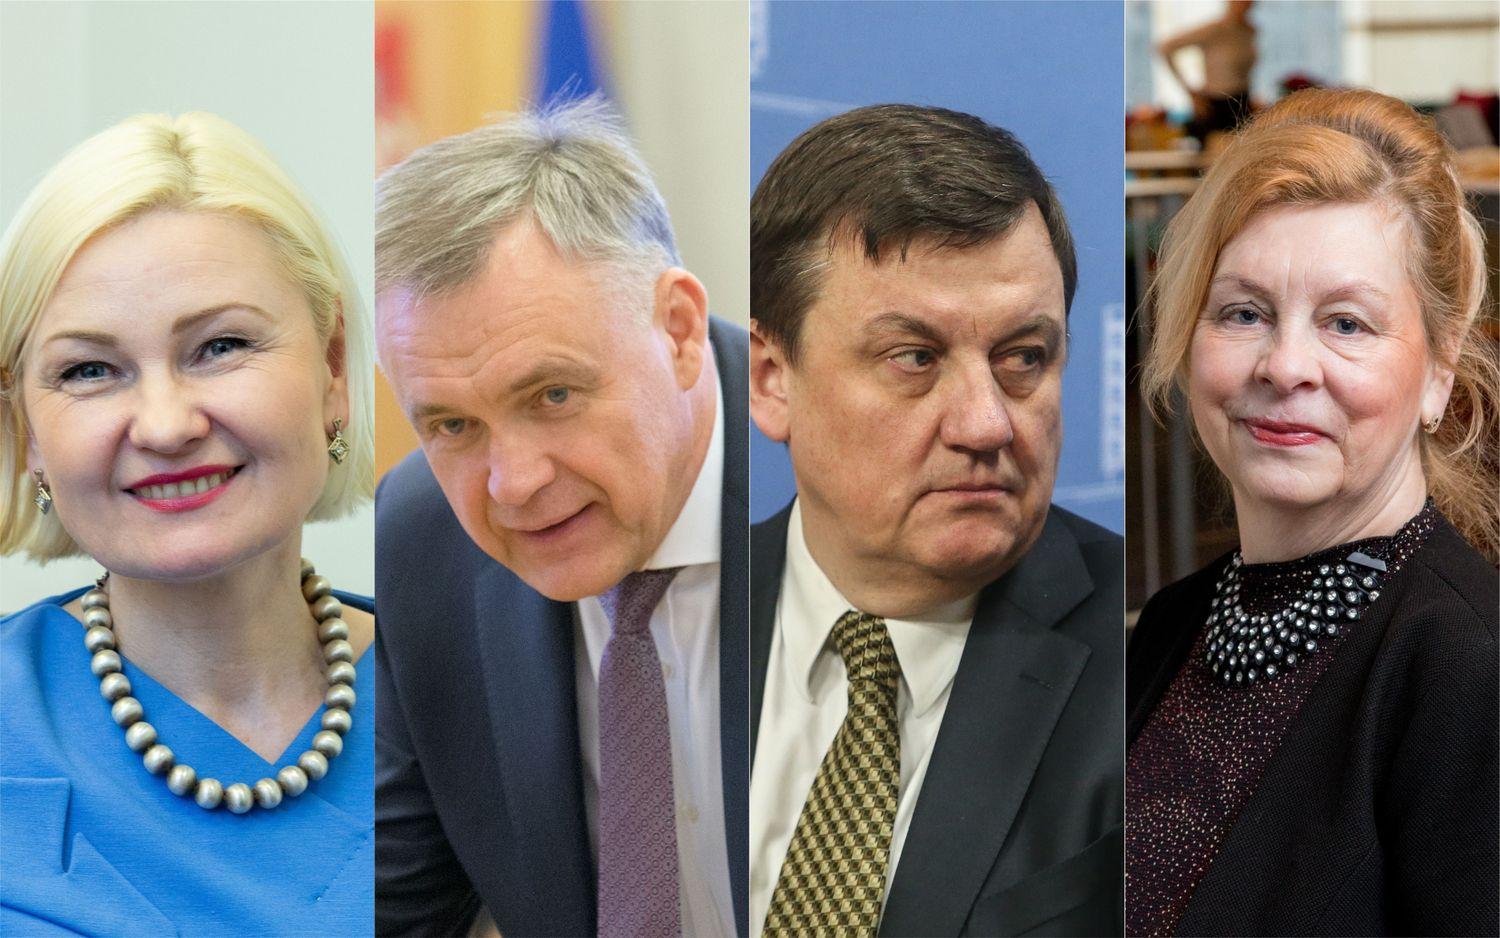 Verslo asociacijų vadovai vertina rinkimus: laukia permainų, dialogas su verslu būtinas